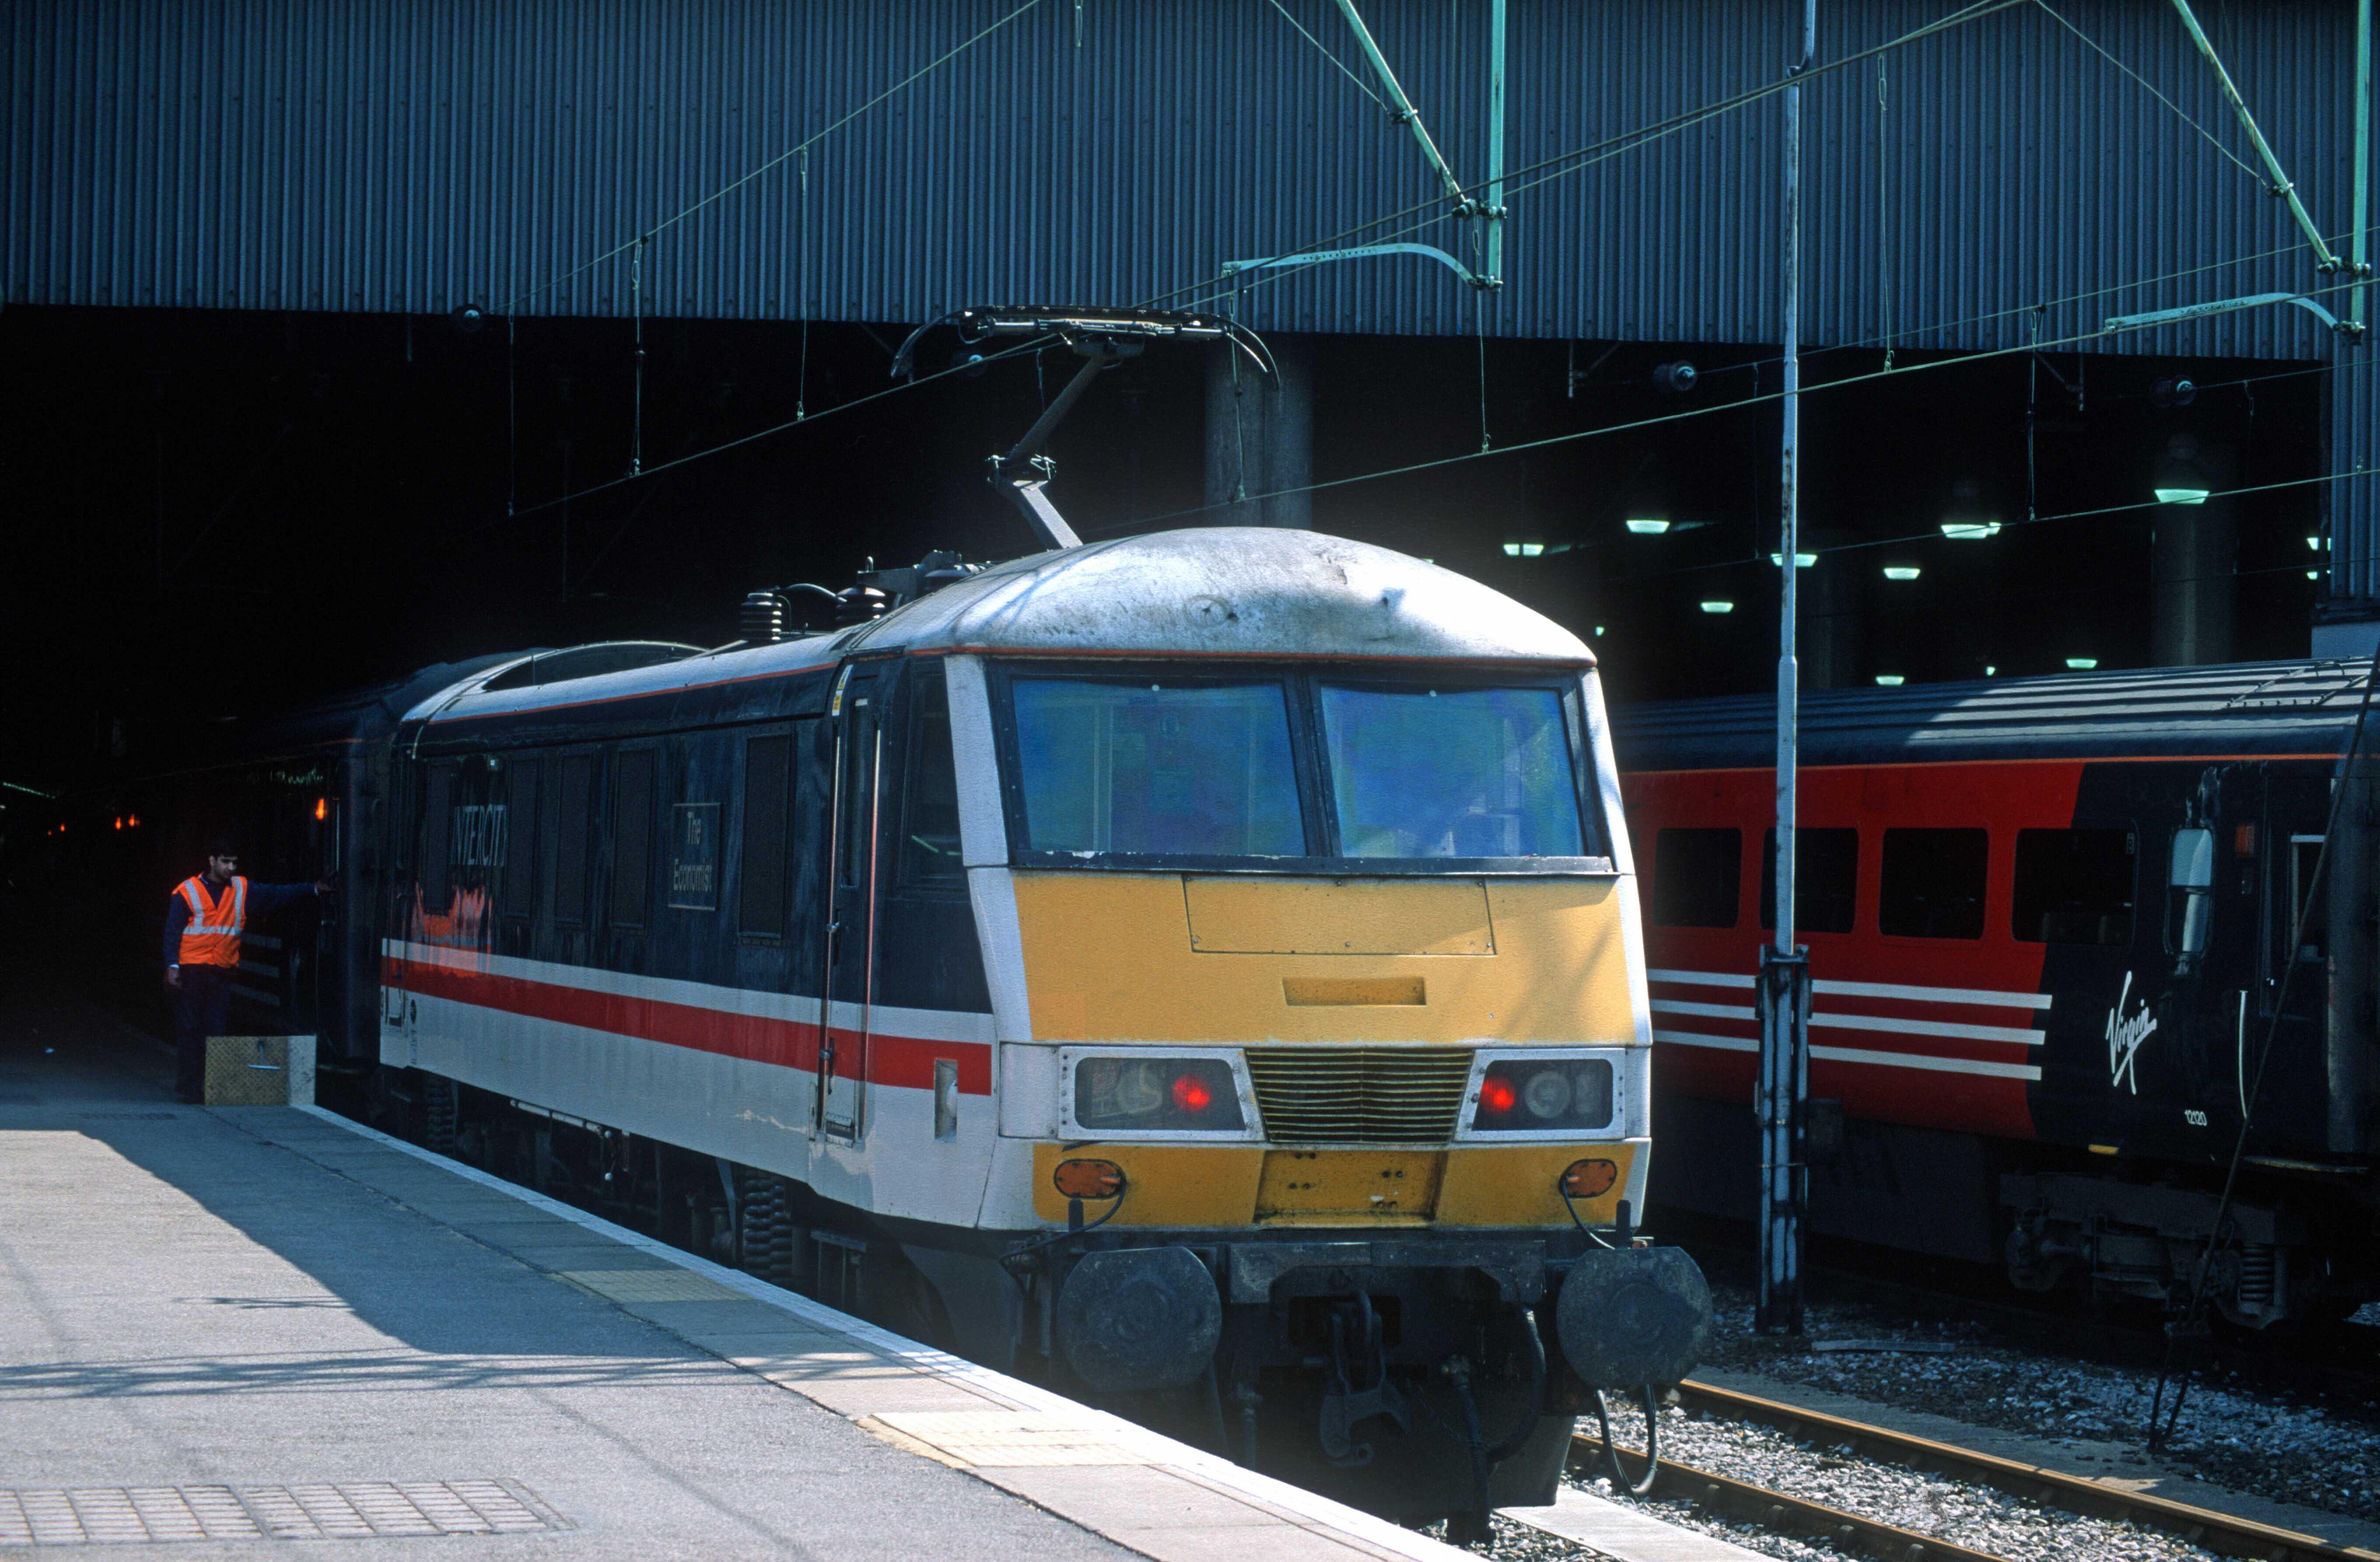 7610. 90009. 14.35 to Glasgow Central. Euston. 10.4.2000crop